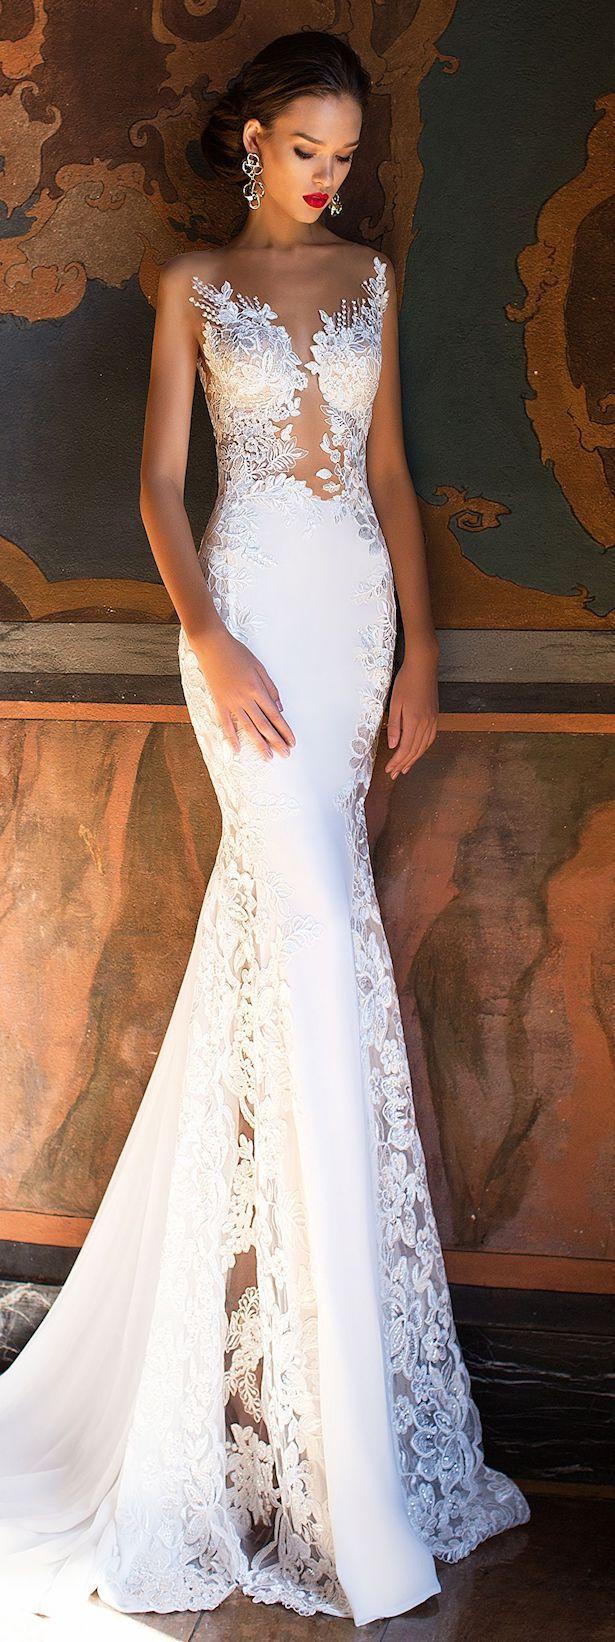 Wedding Dress by Milla Nova White Desire 2017 Bridal Collection - Lorena  Esküvői Ruhák 26e9669d6e